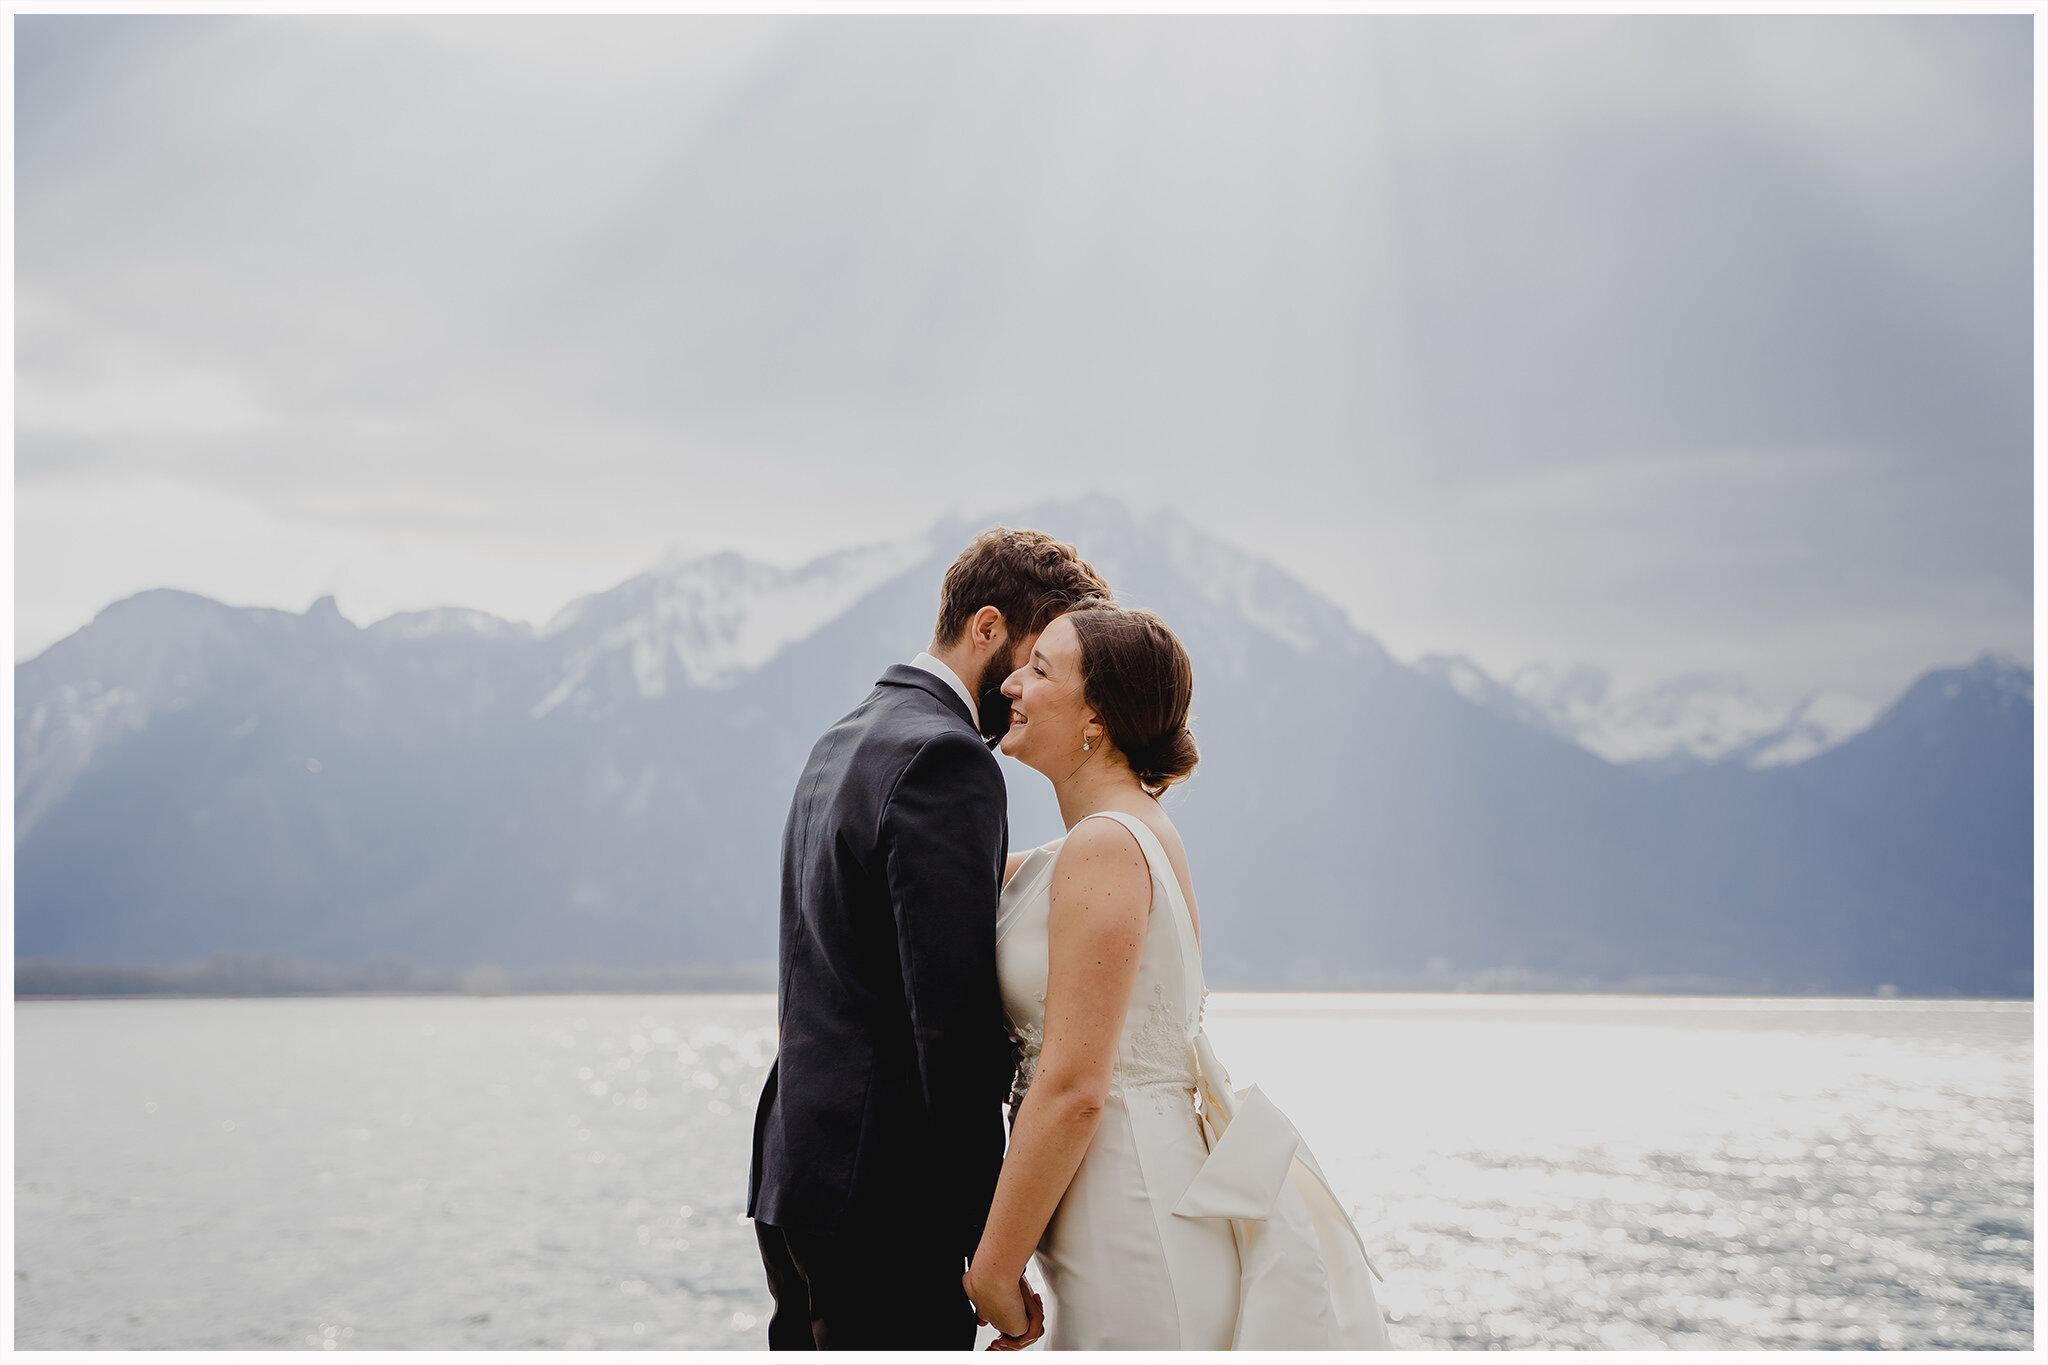 dreamsaanddreamers.com-fotograf-nunta-romania-04.jpg